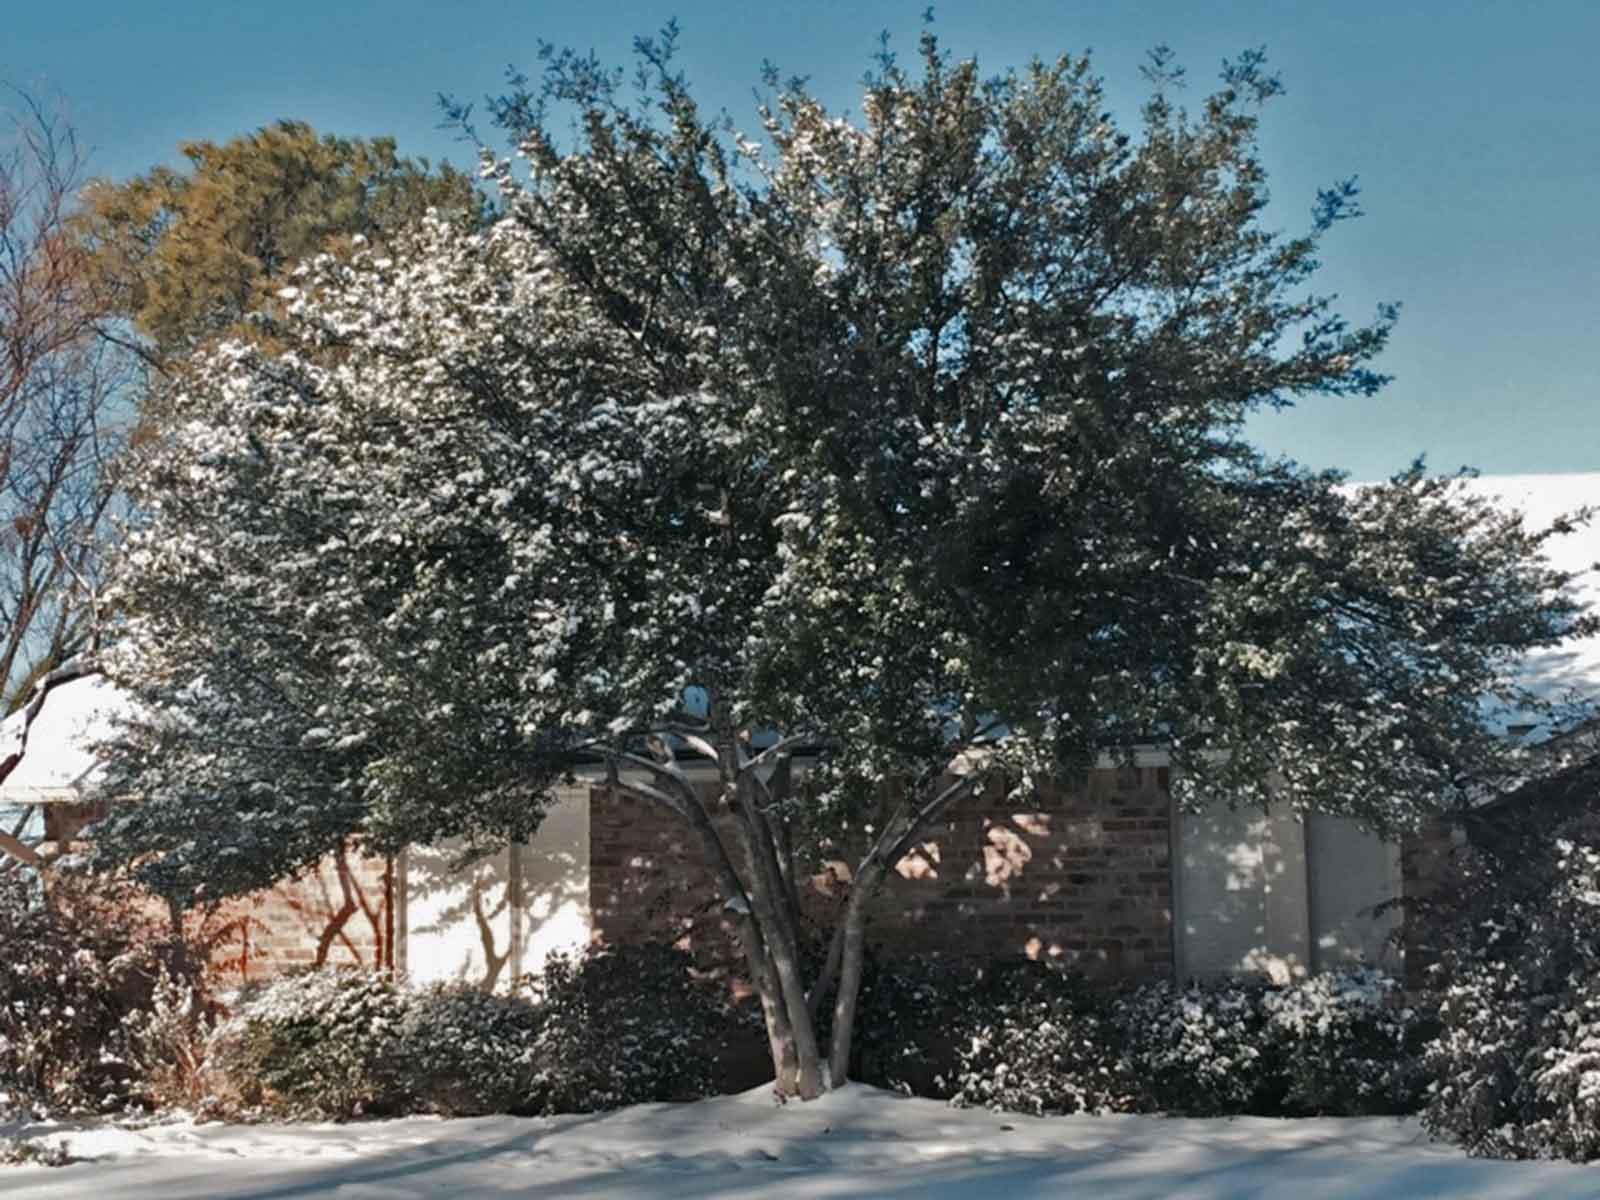 yaupon-holly-tree-winter-snow